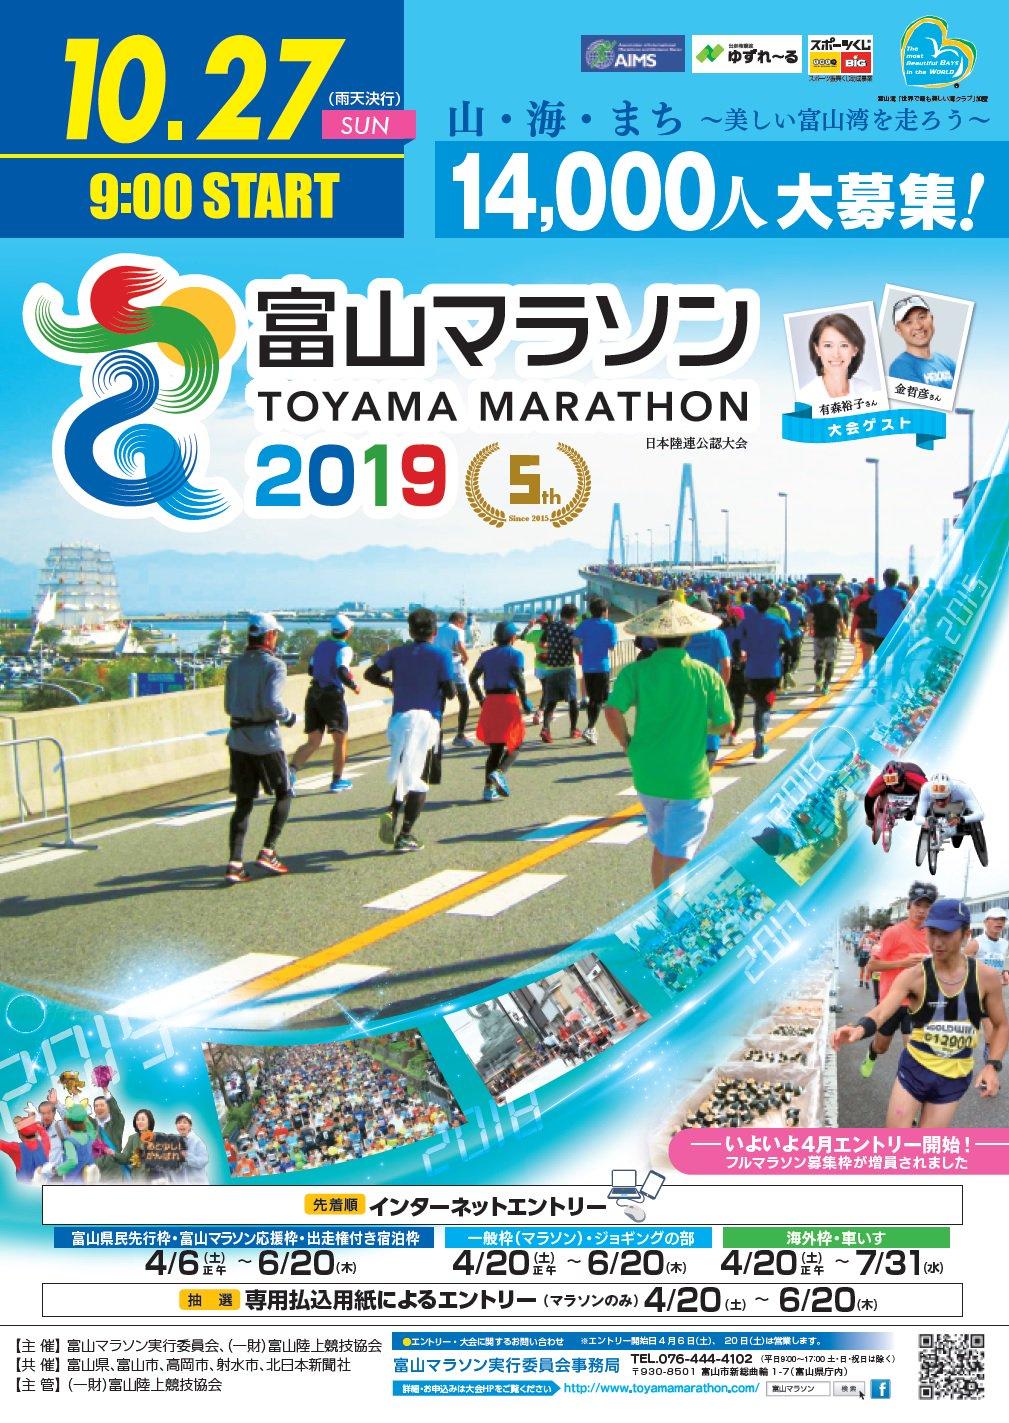 2019 結果 マラソン 富山